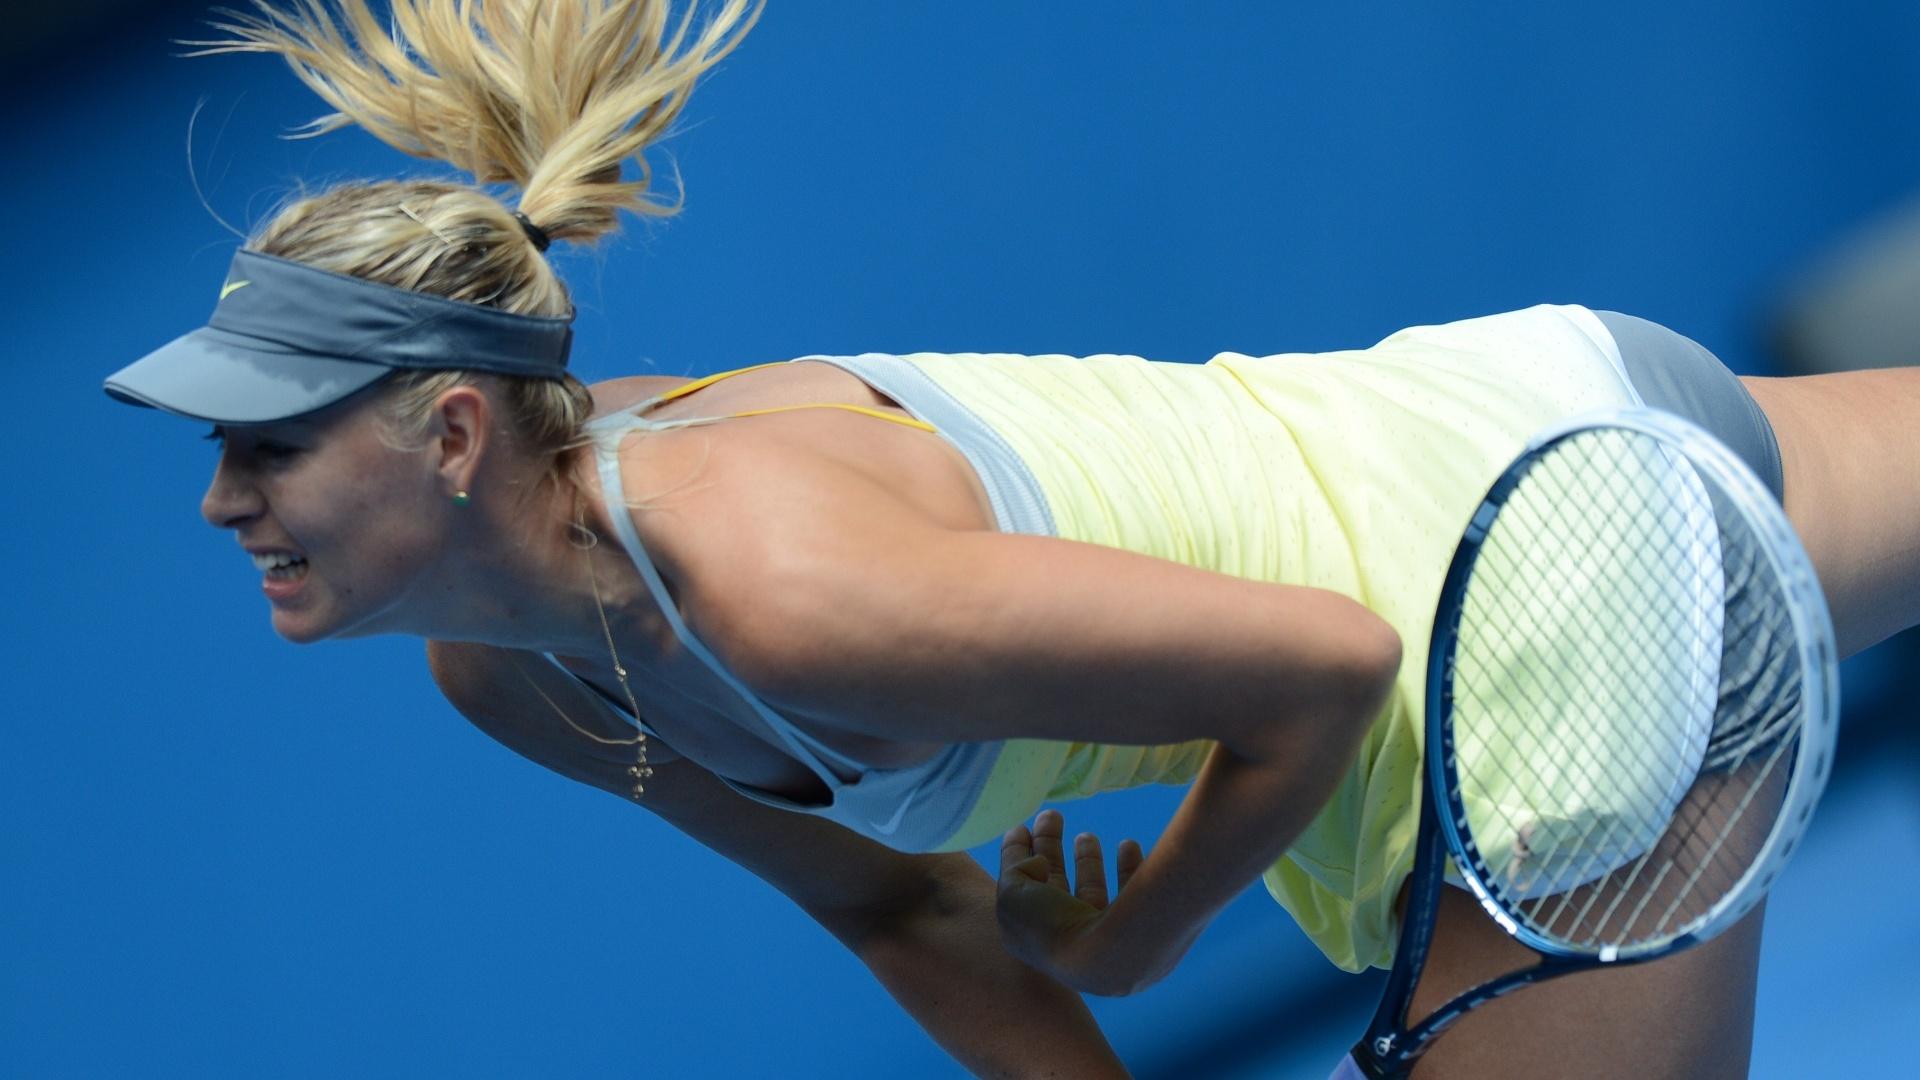 14.jan.2013 - Maria Sharapova saca durante a tranquila vitória sobre Olga Puchkova por 2 sets a 0 em sua estreia no Aberto da Austrália